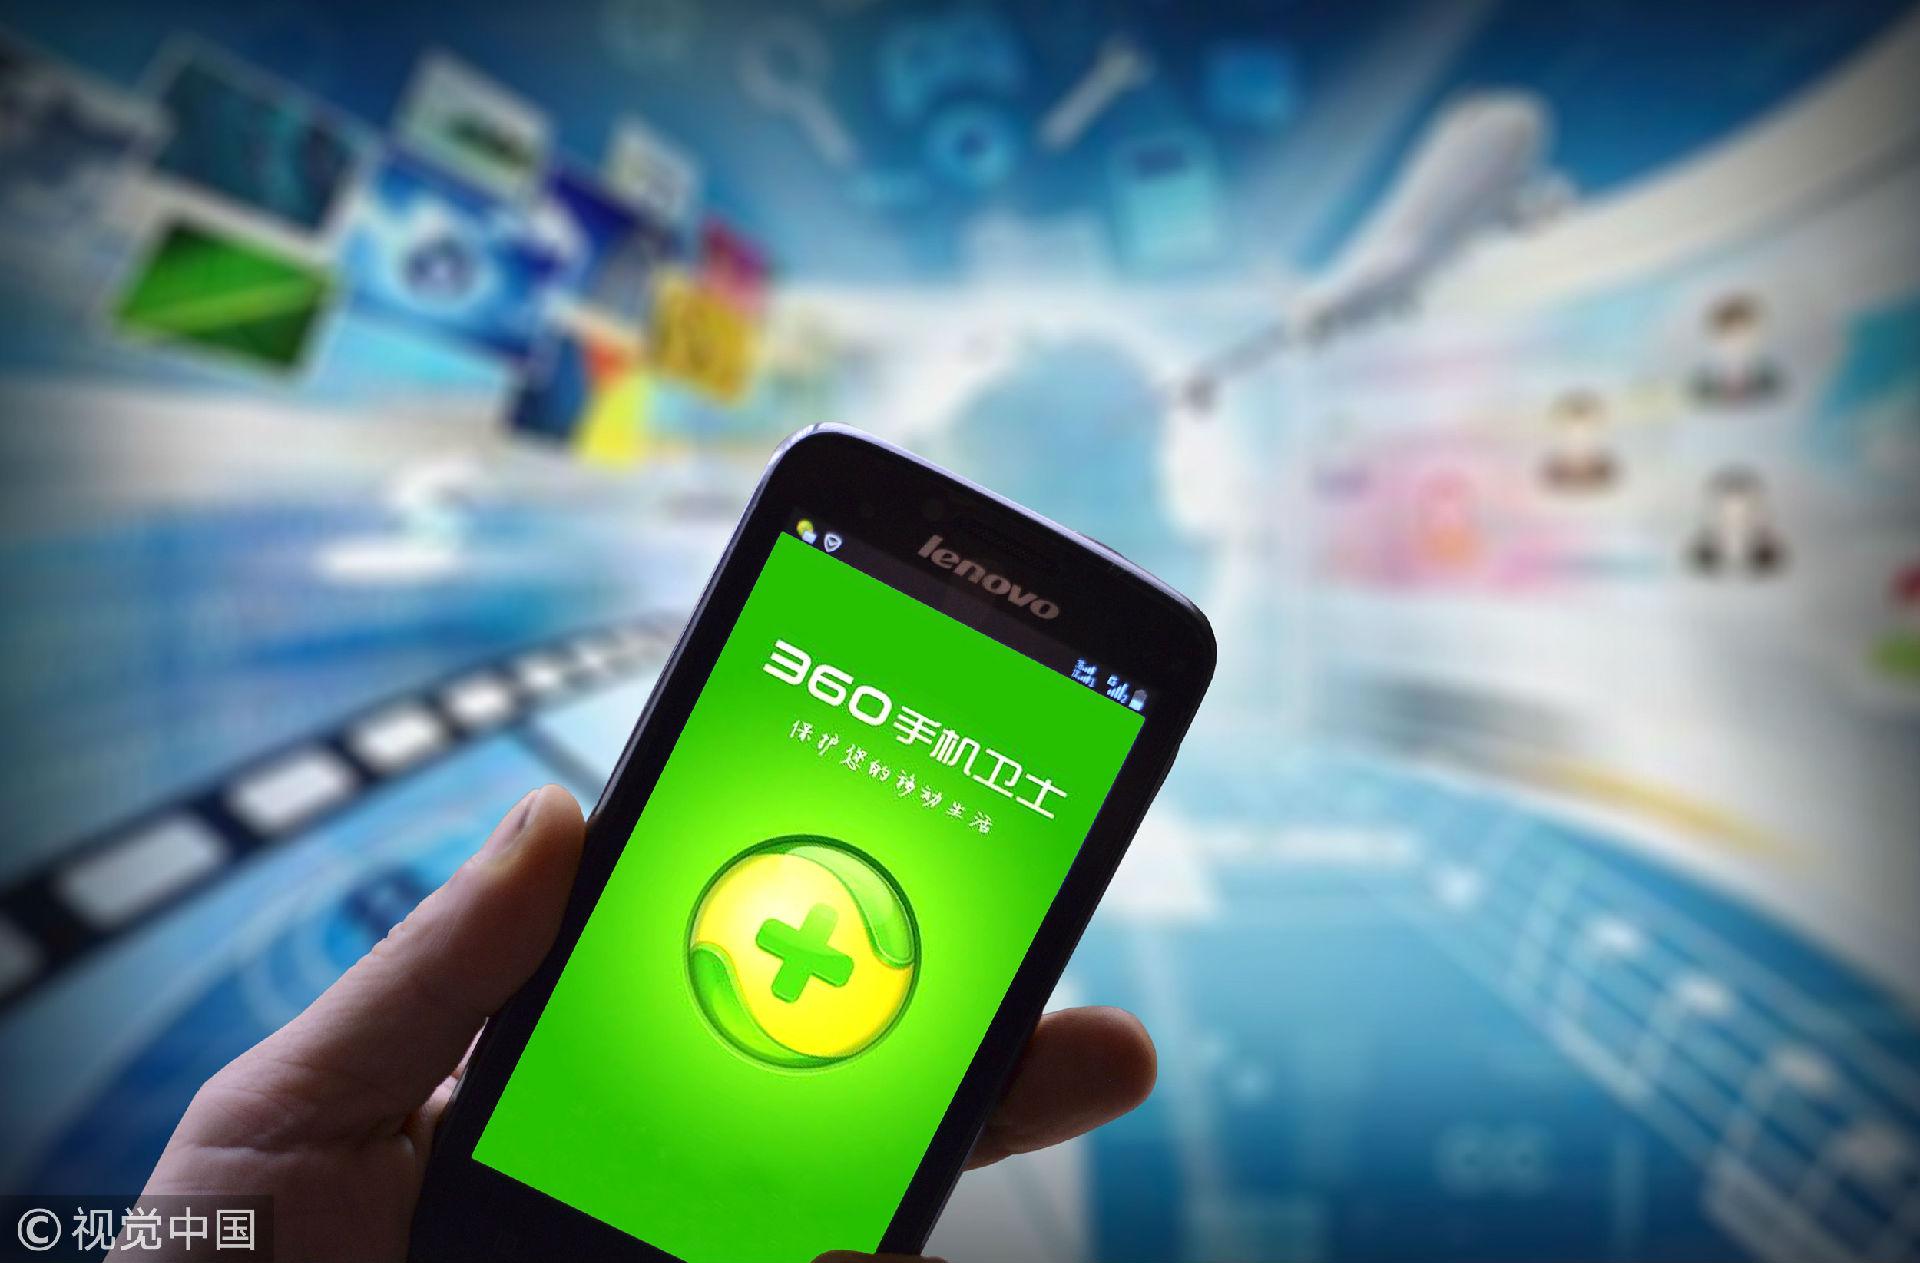 北京版权局规范软件应用市场,百度、360等10余家签署声明